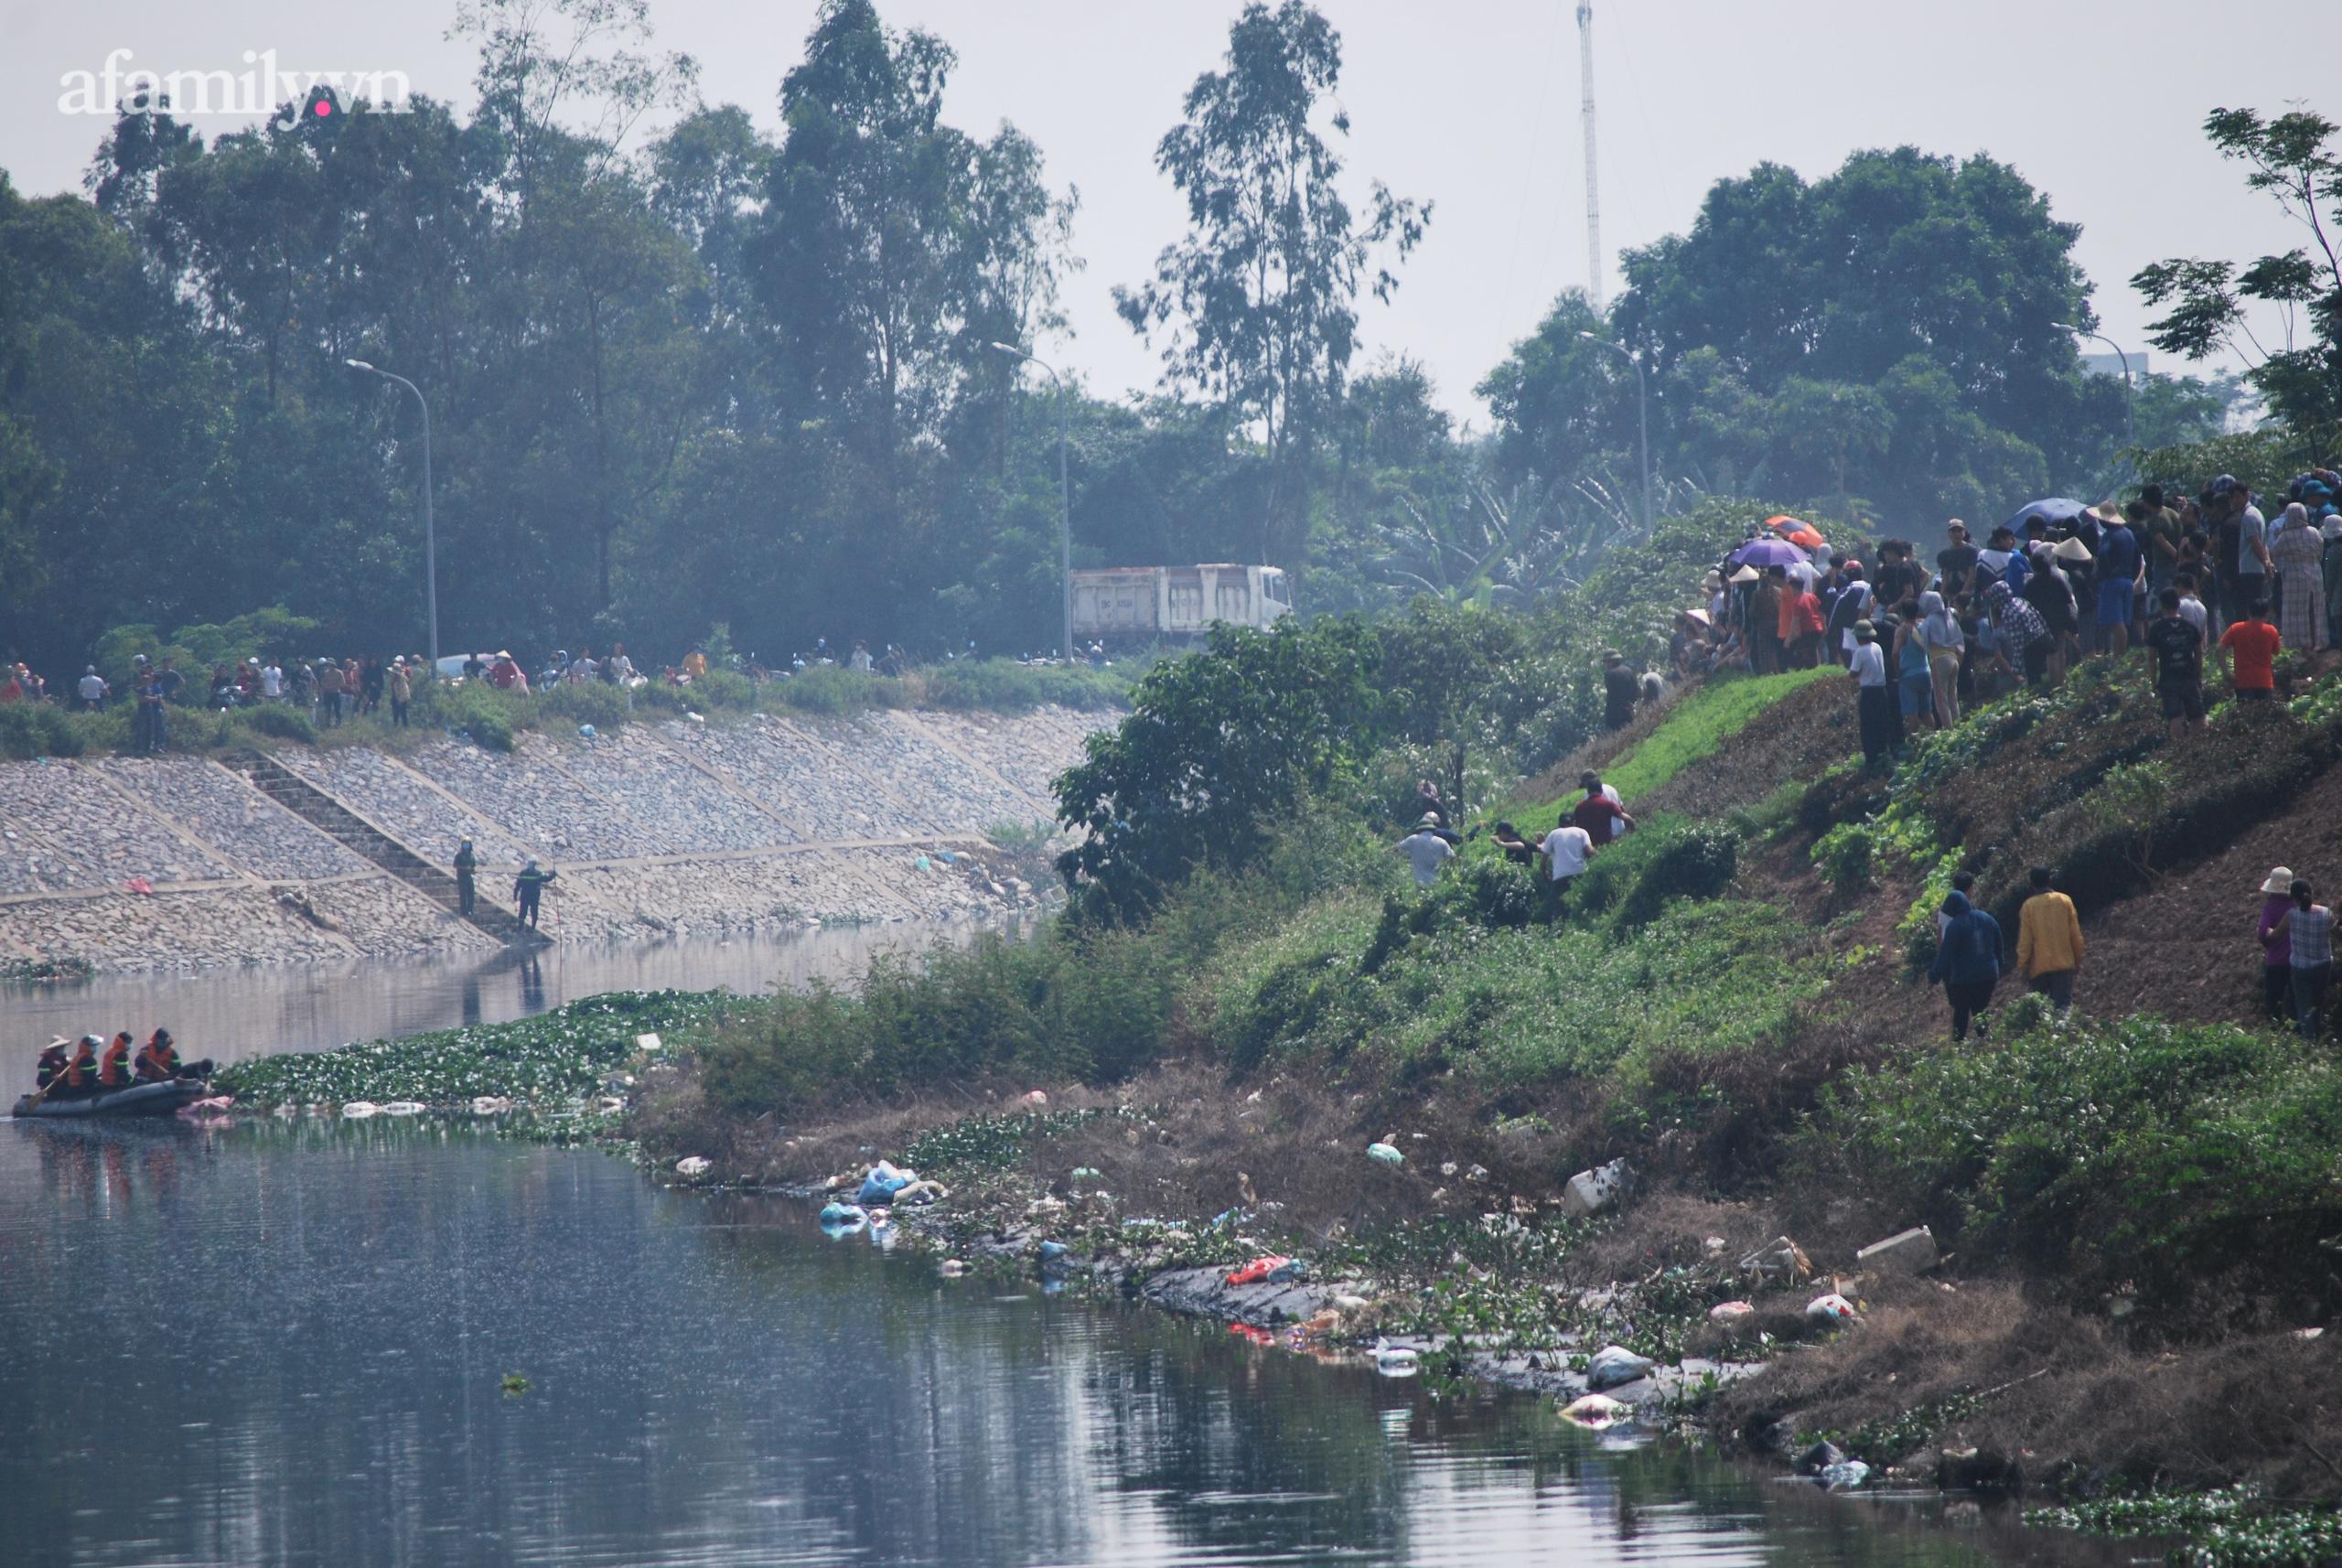 Vụ phát hiện thi thể nữ sinh ở Hà Nội:2 đối tượng đã thực hiện cướp điện thoại rồi đẩy nạn nhân xuống sông - Ảnh 5.